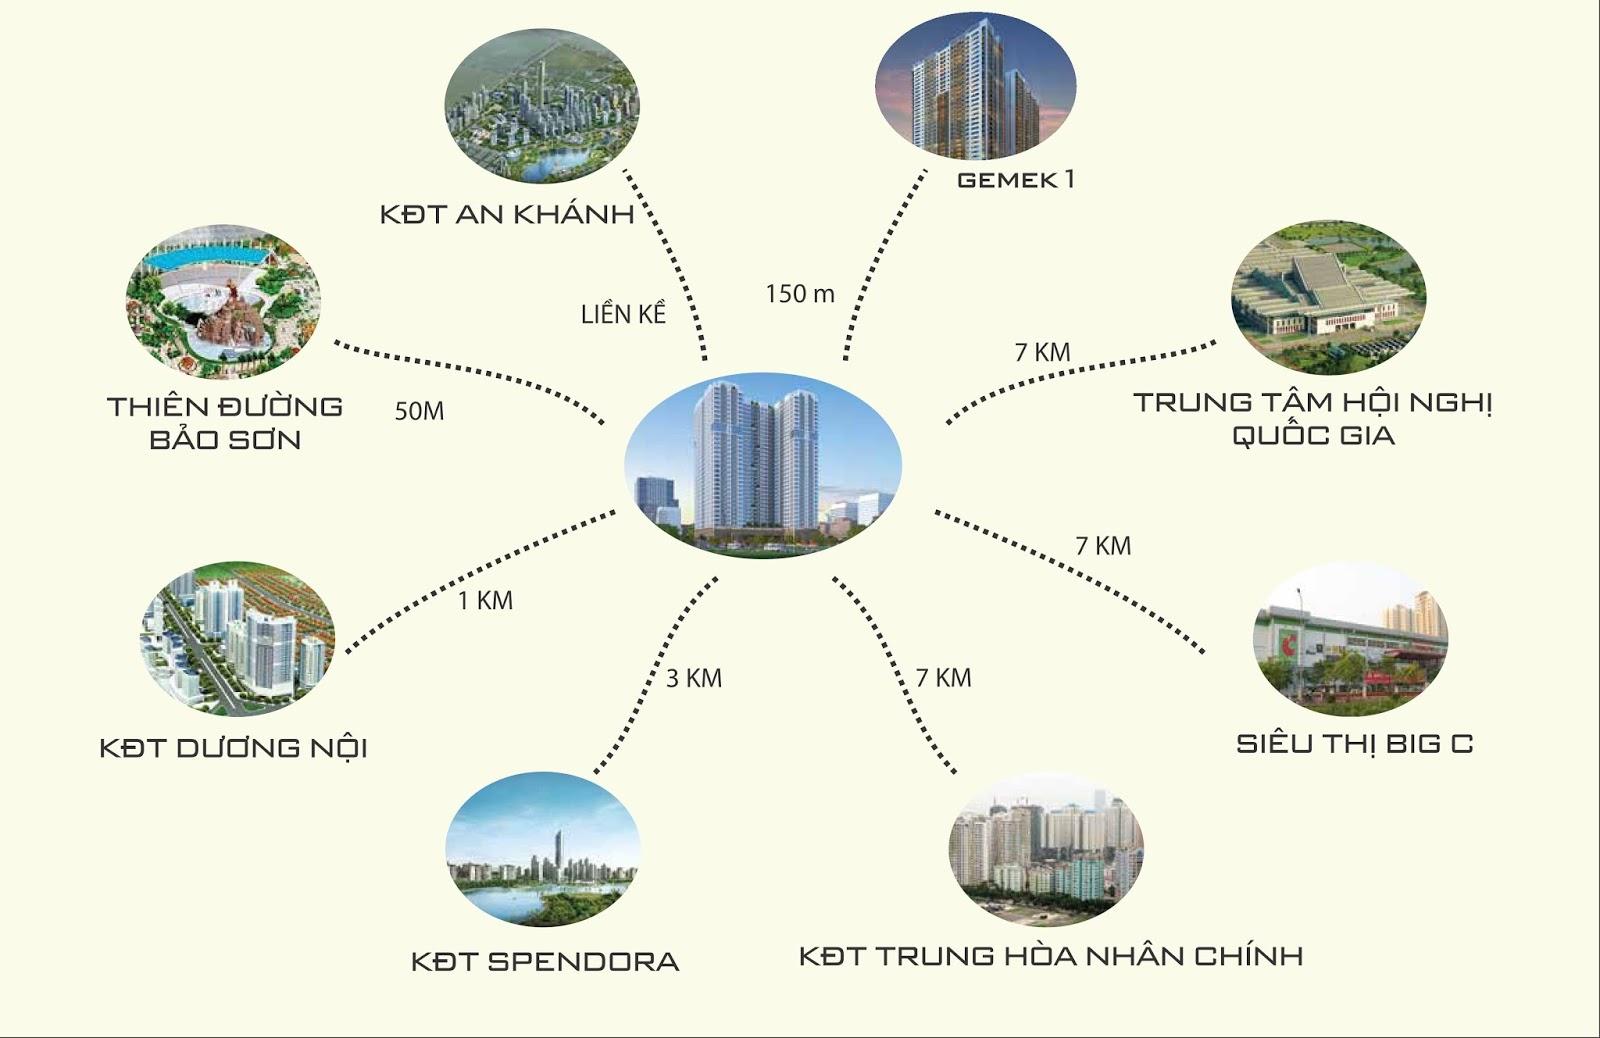 Cất nóc dự án Gemek Tower phía Tây thủ đô Hà Nội